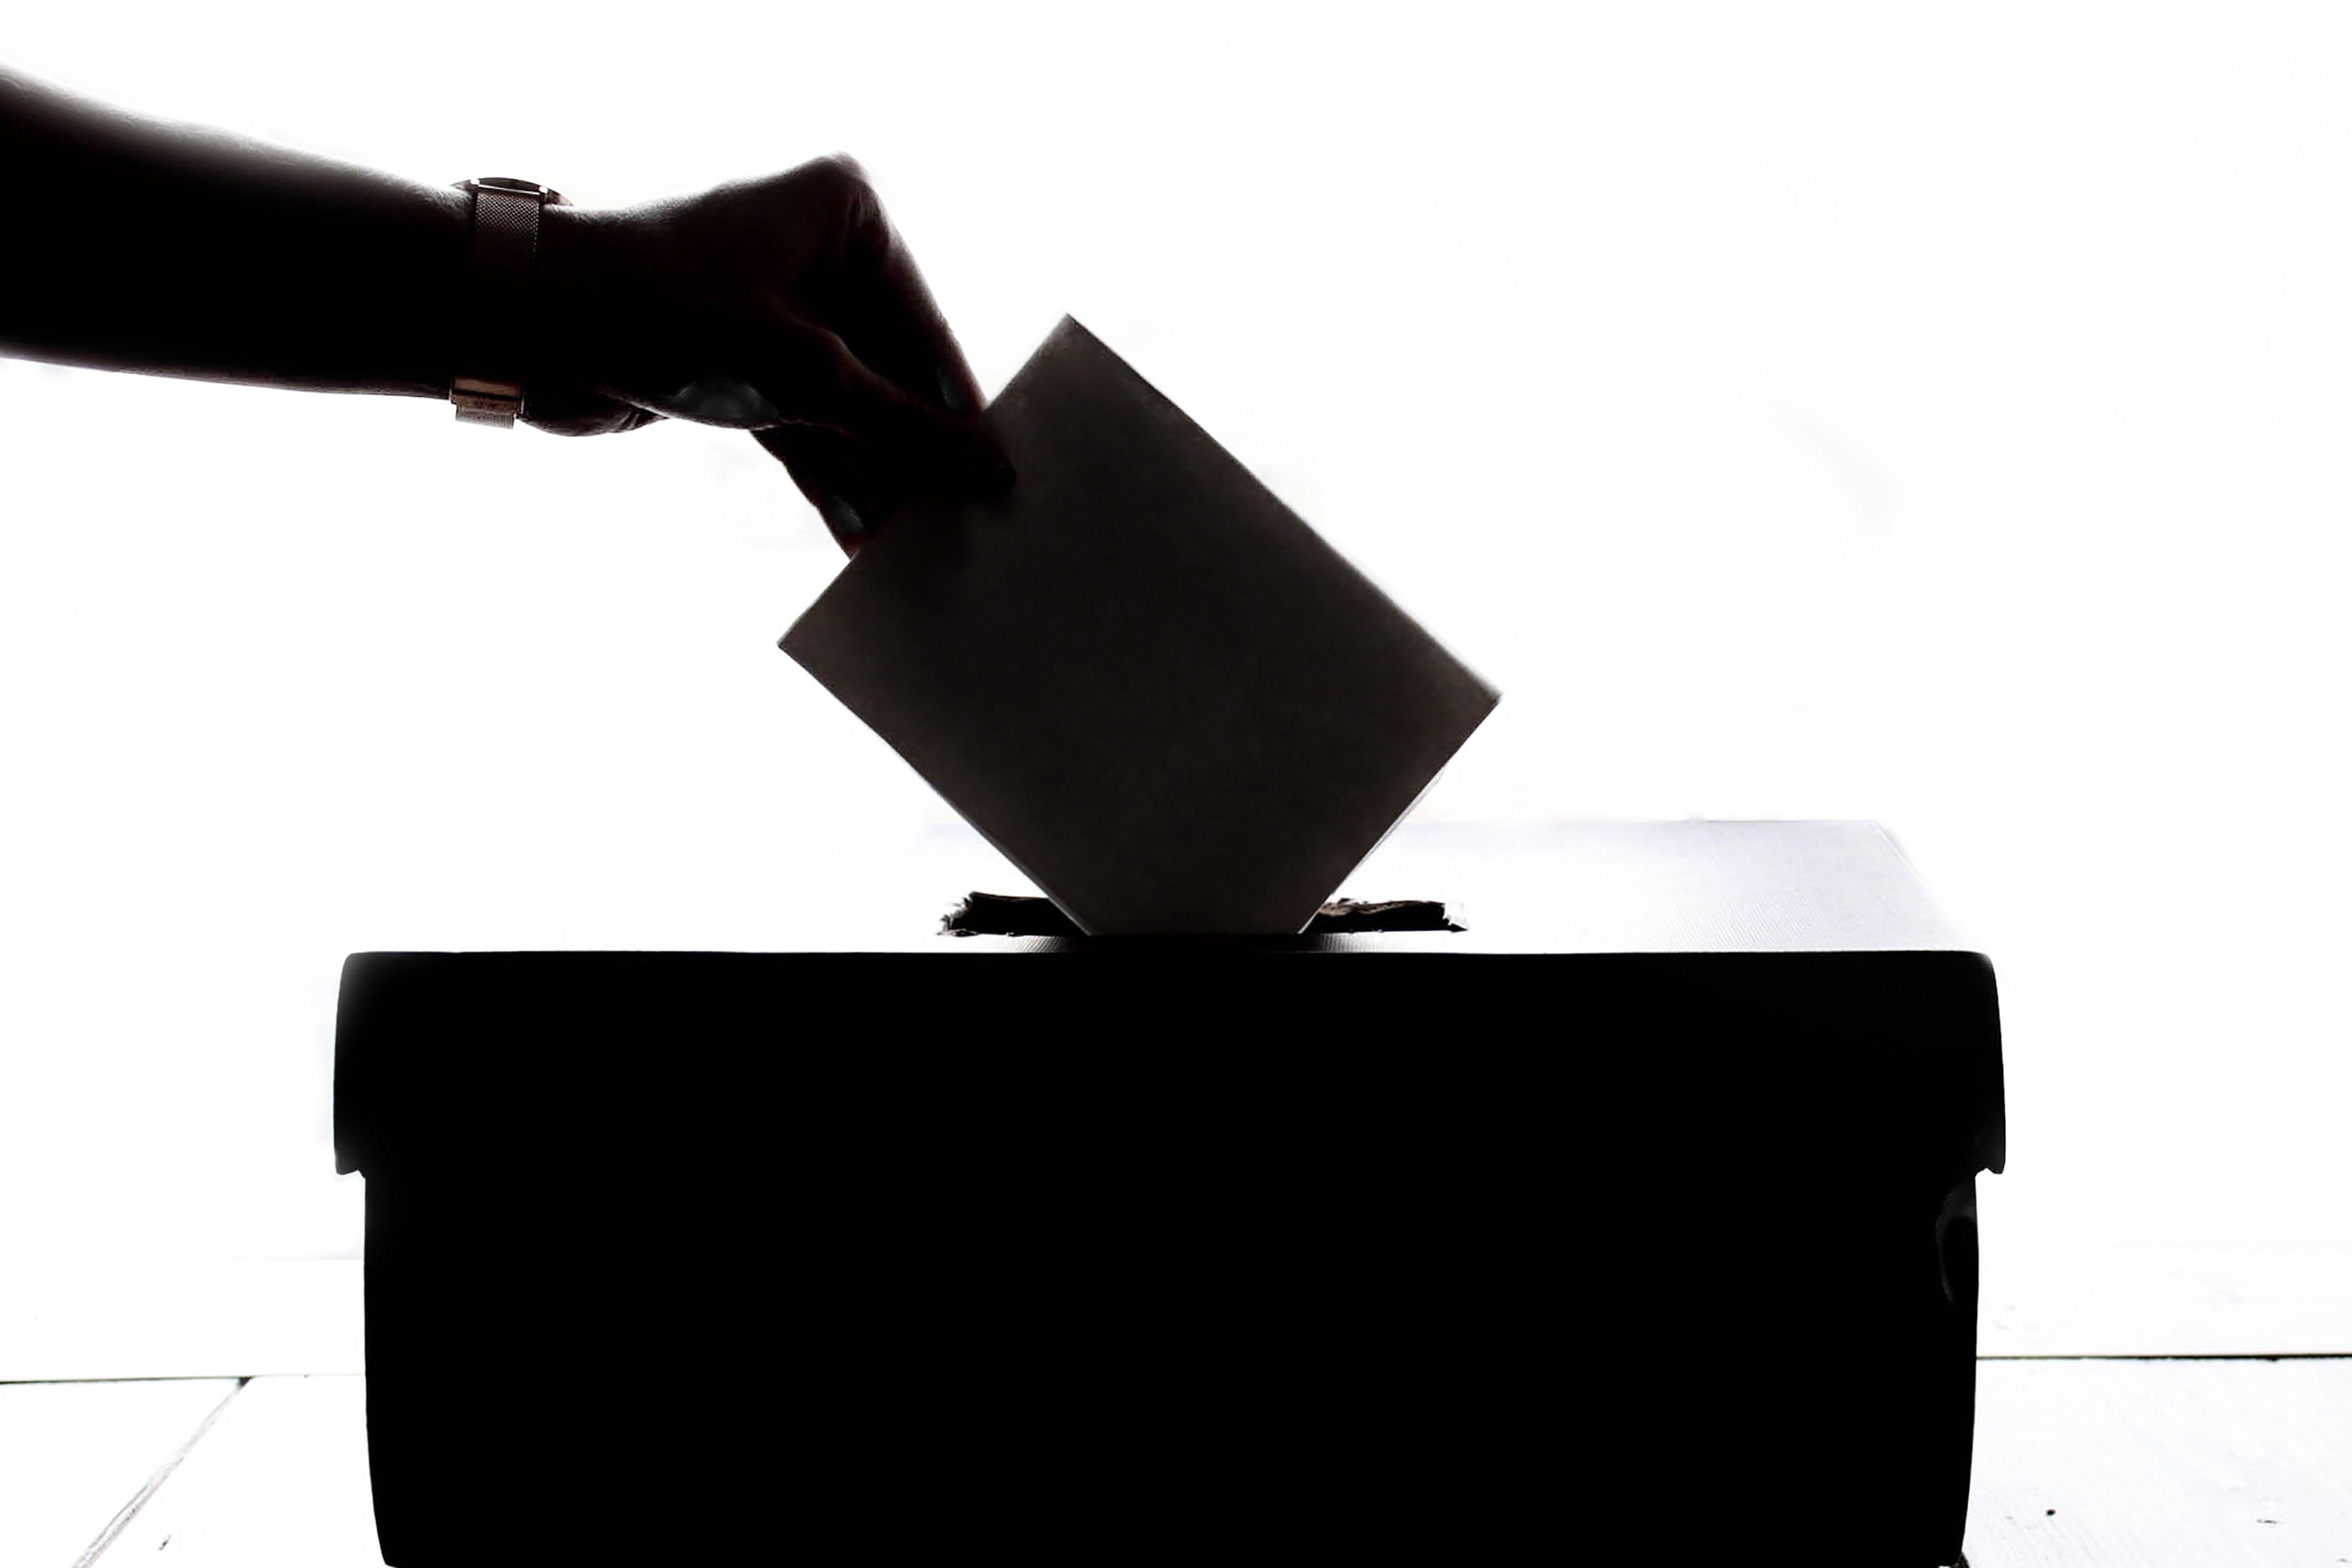 Estate regeneration ballot | See Media